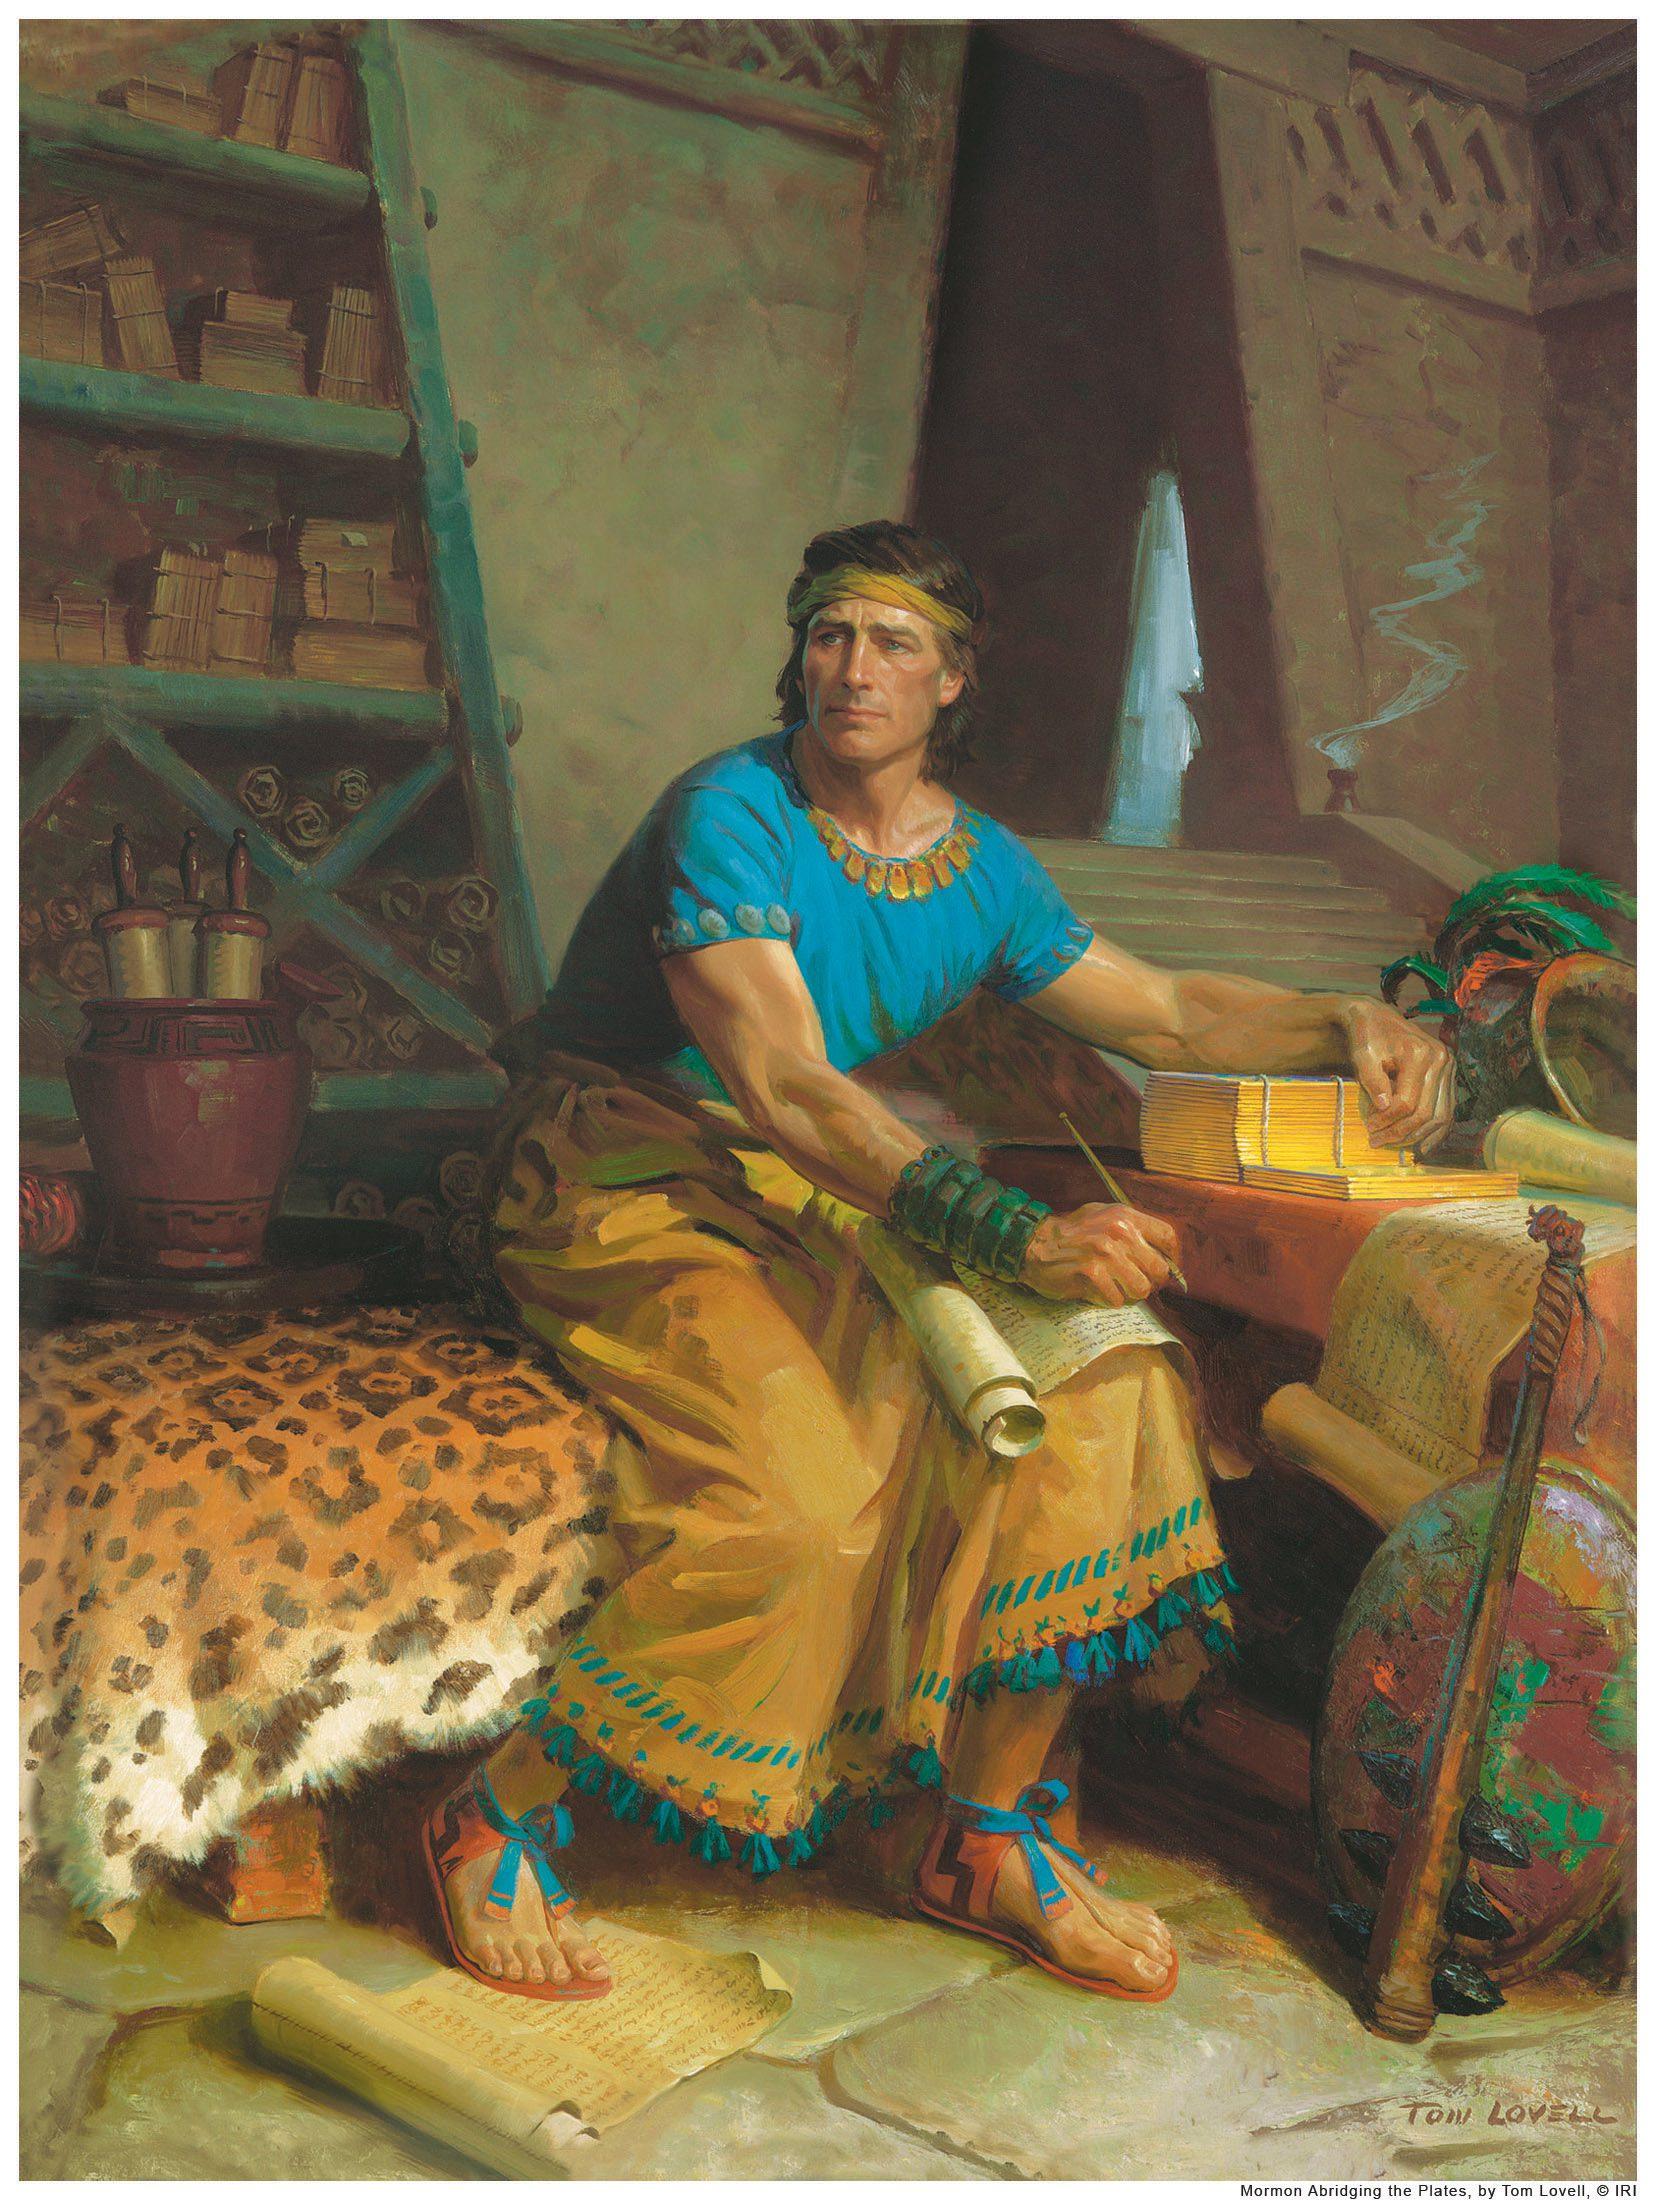 mormon-lovell